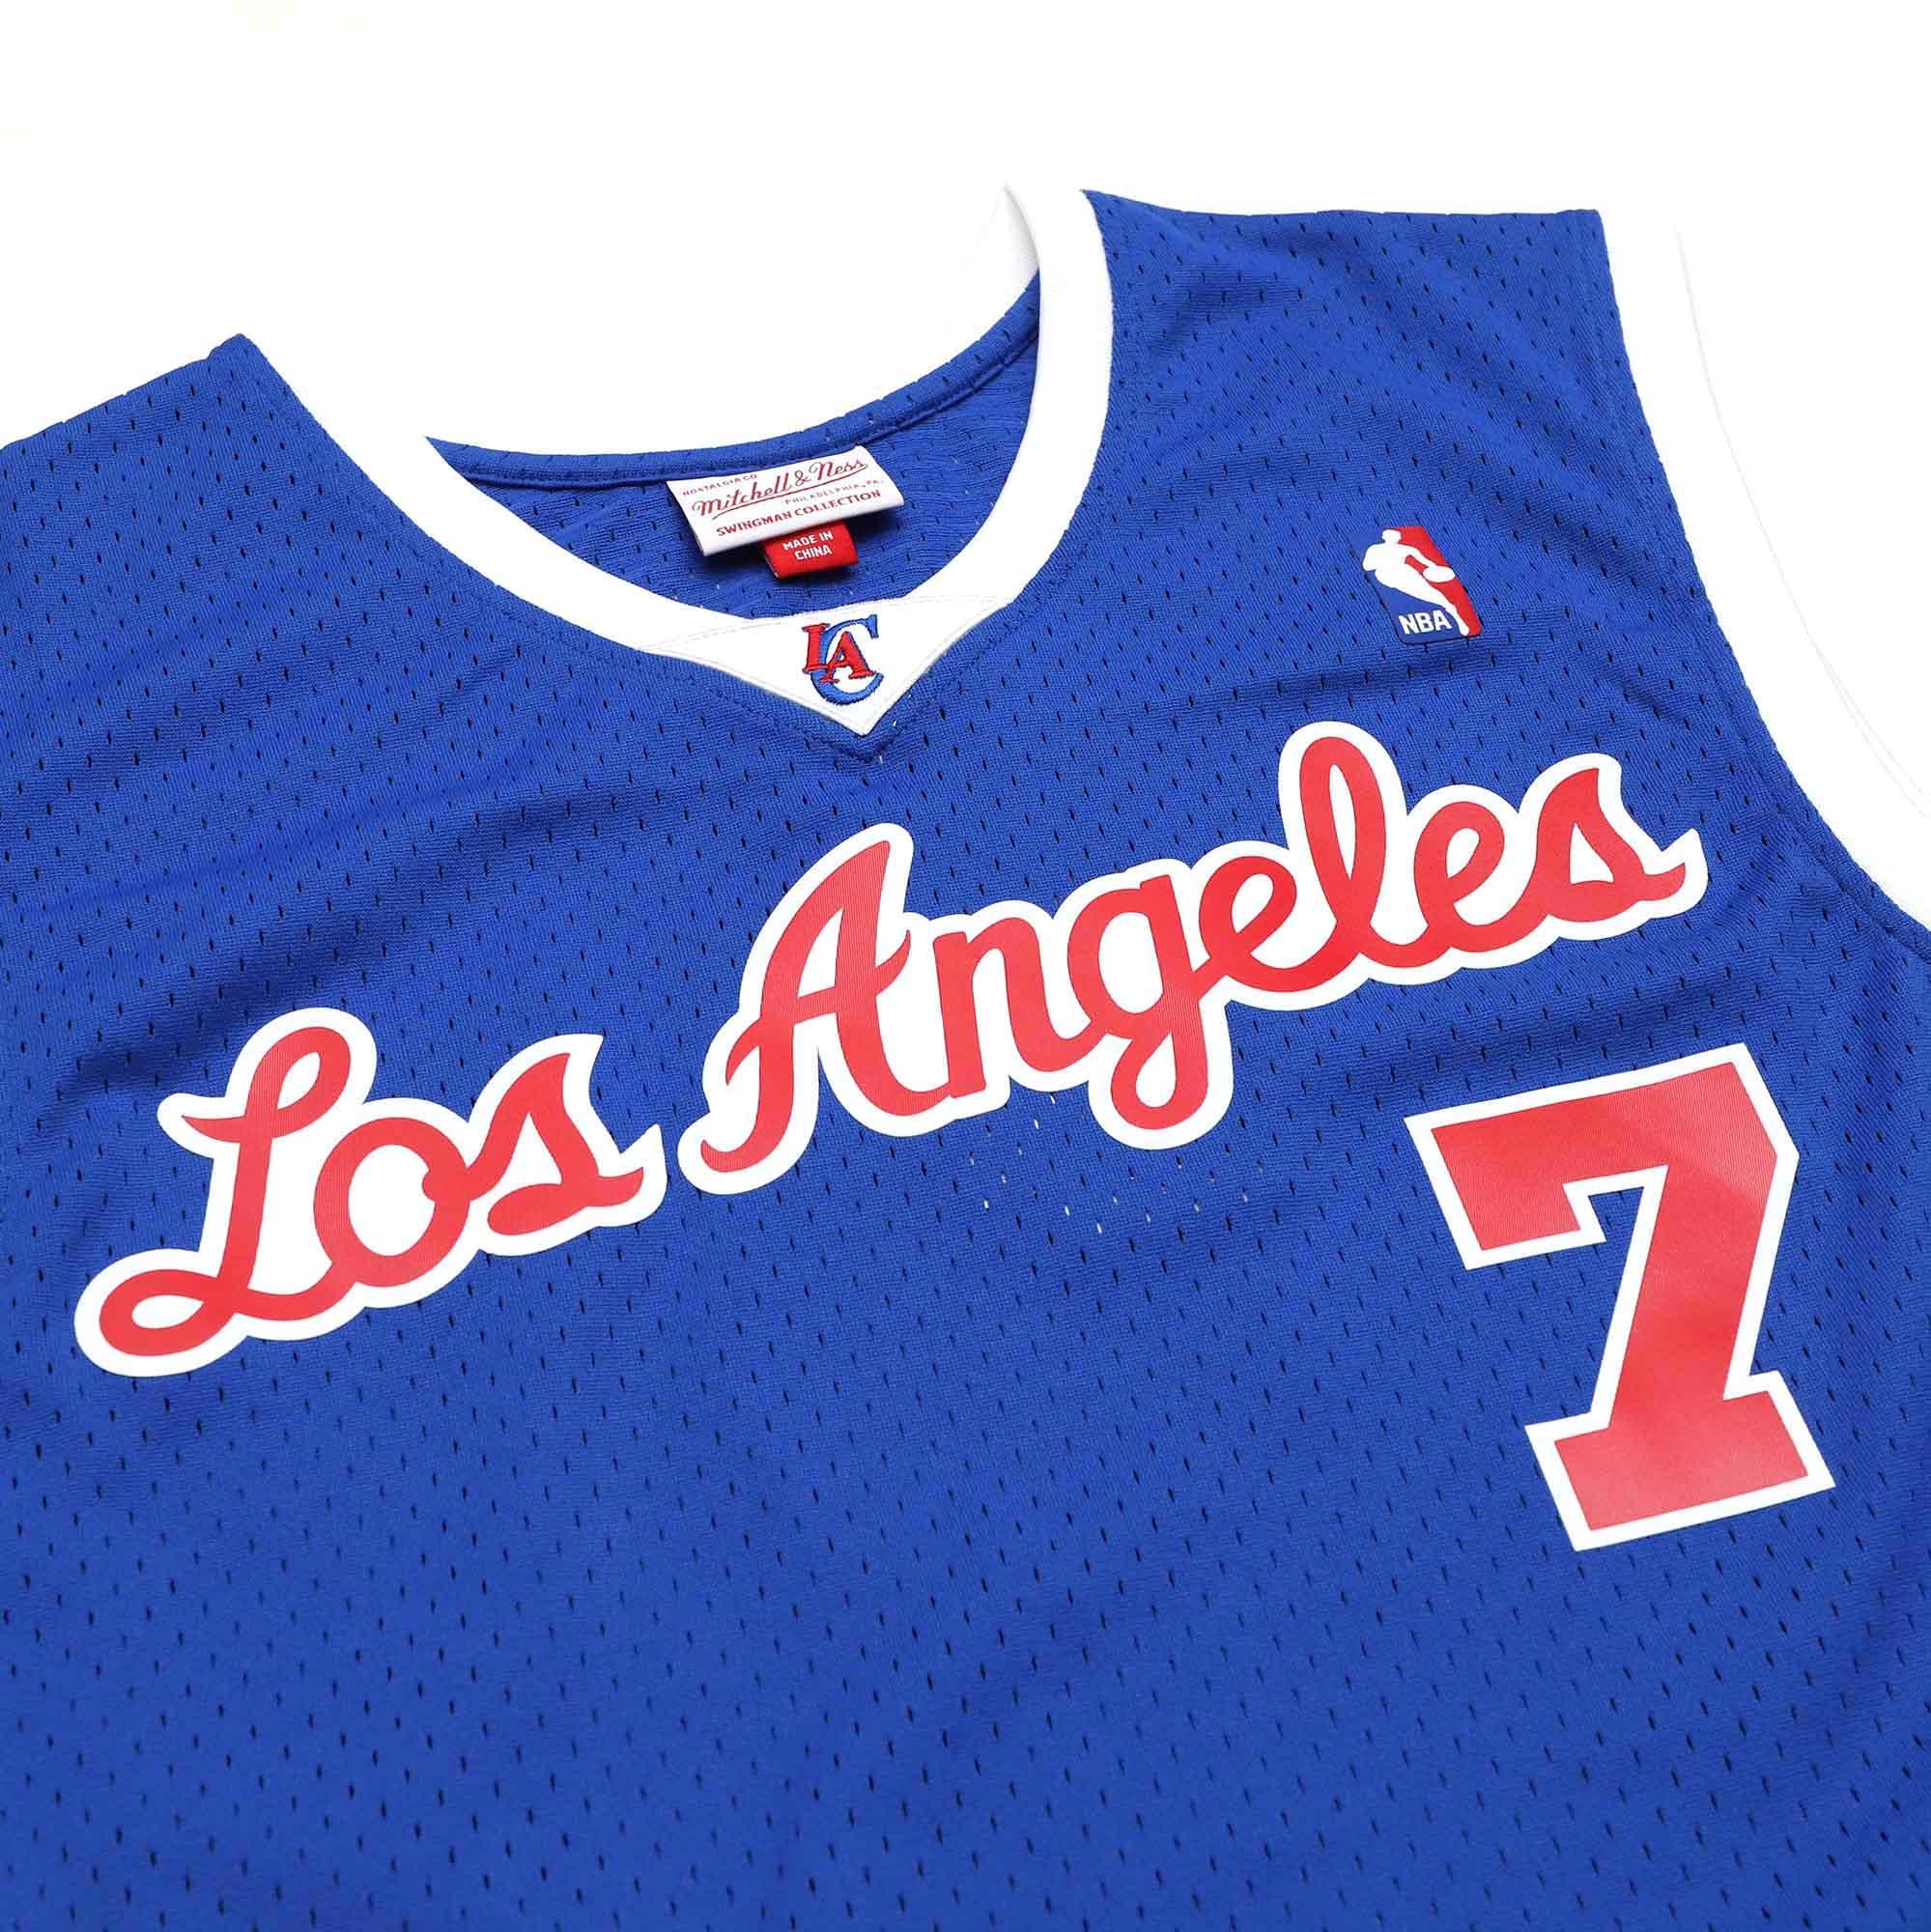 【毒】Mitchell & Ness NBA 球迷版球衣 Lamar Odom 02-03 Alt 快艇 藍